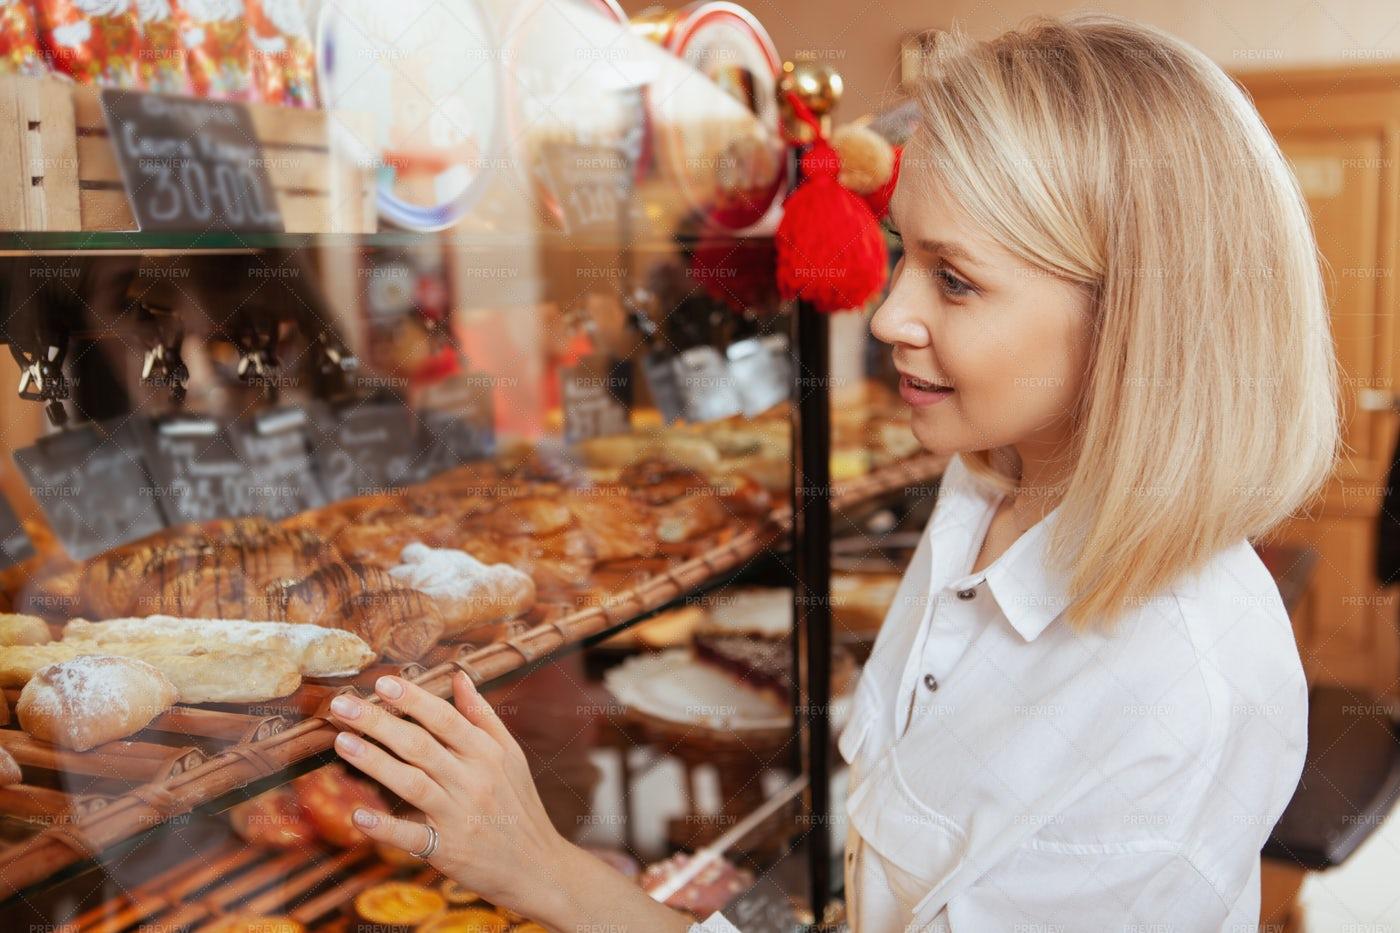 Woman Shopping In A Bakery: Stock Photos